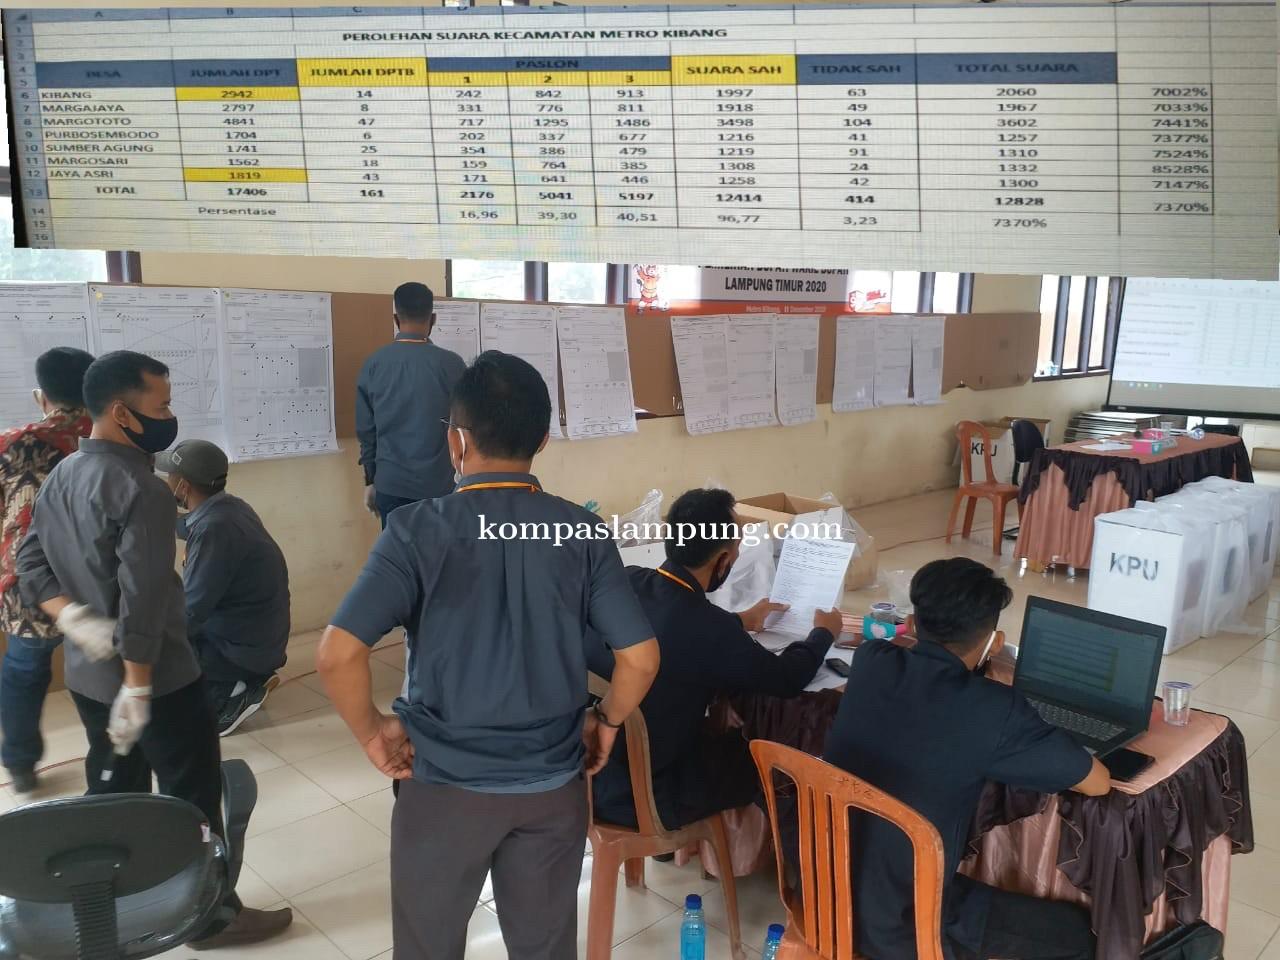 TNI Dan POLRI Sinergi Kawal Penghitungan Suara Pilkada Tingkat Kecamatan